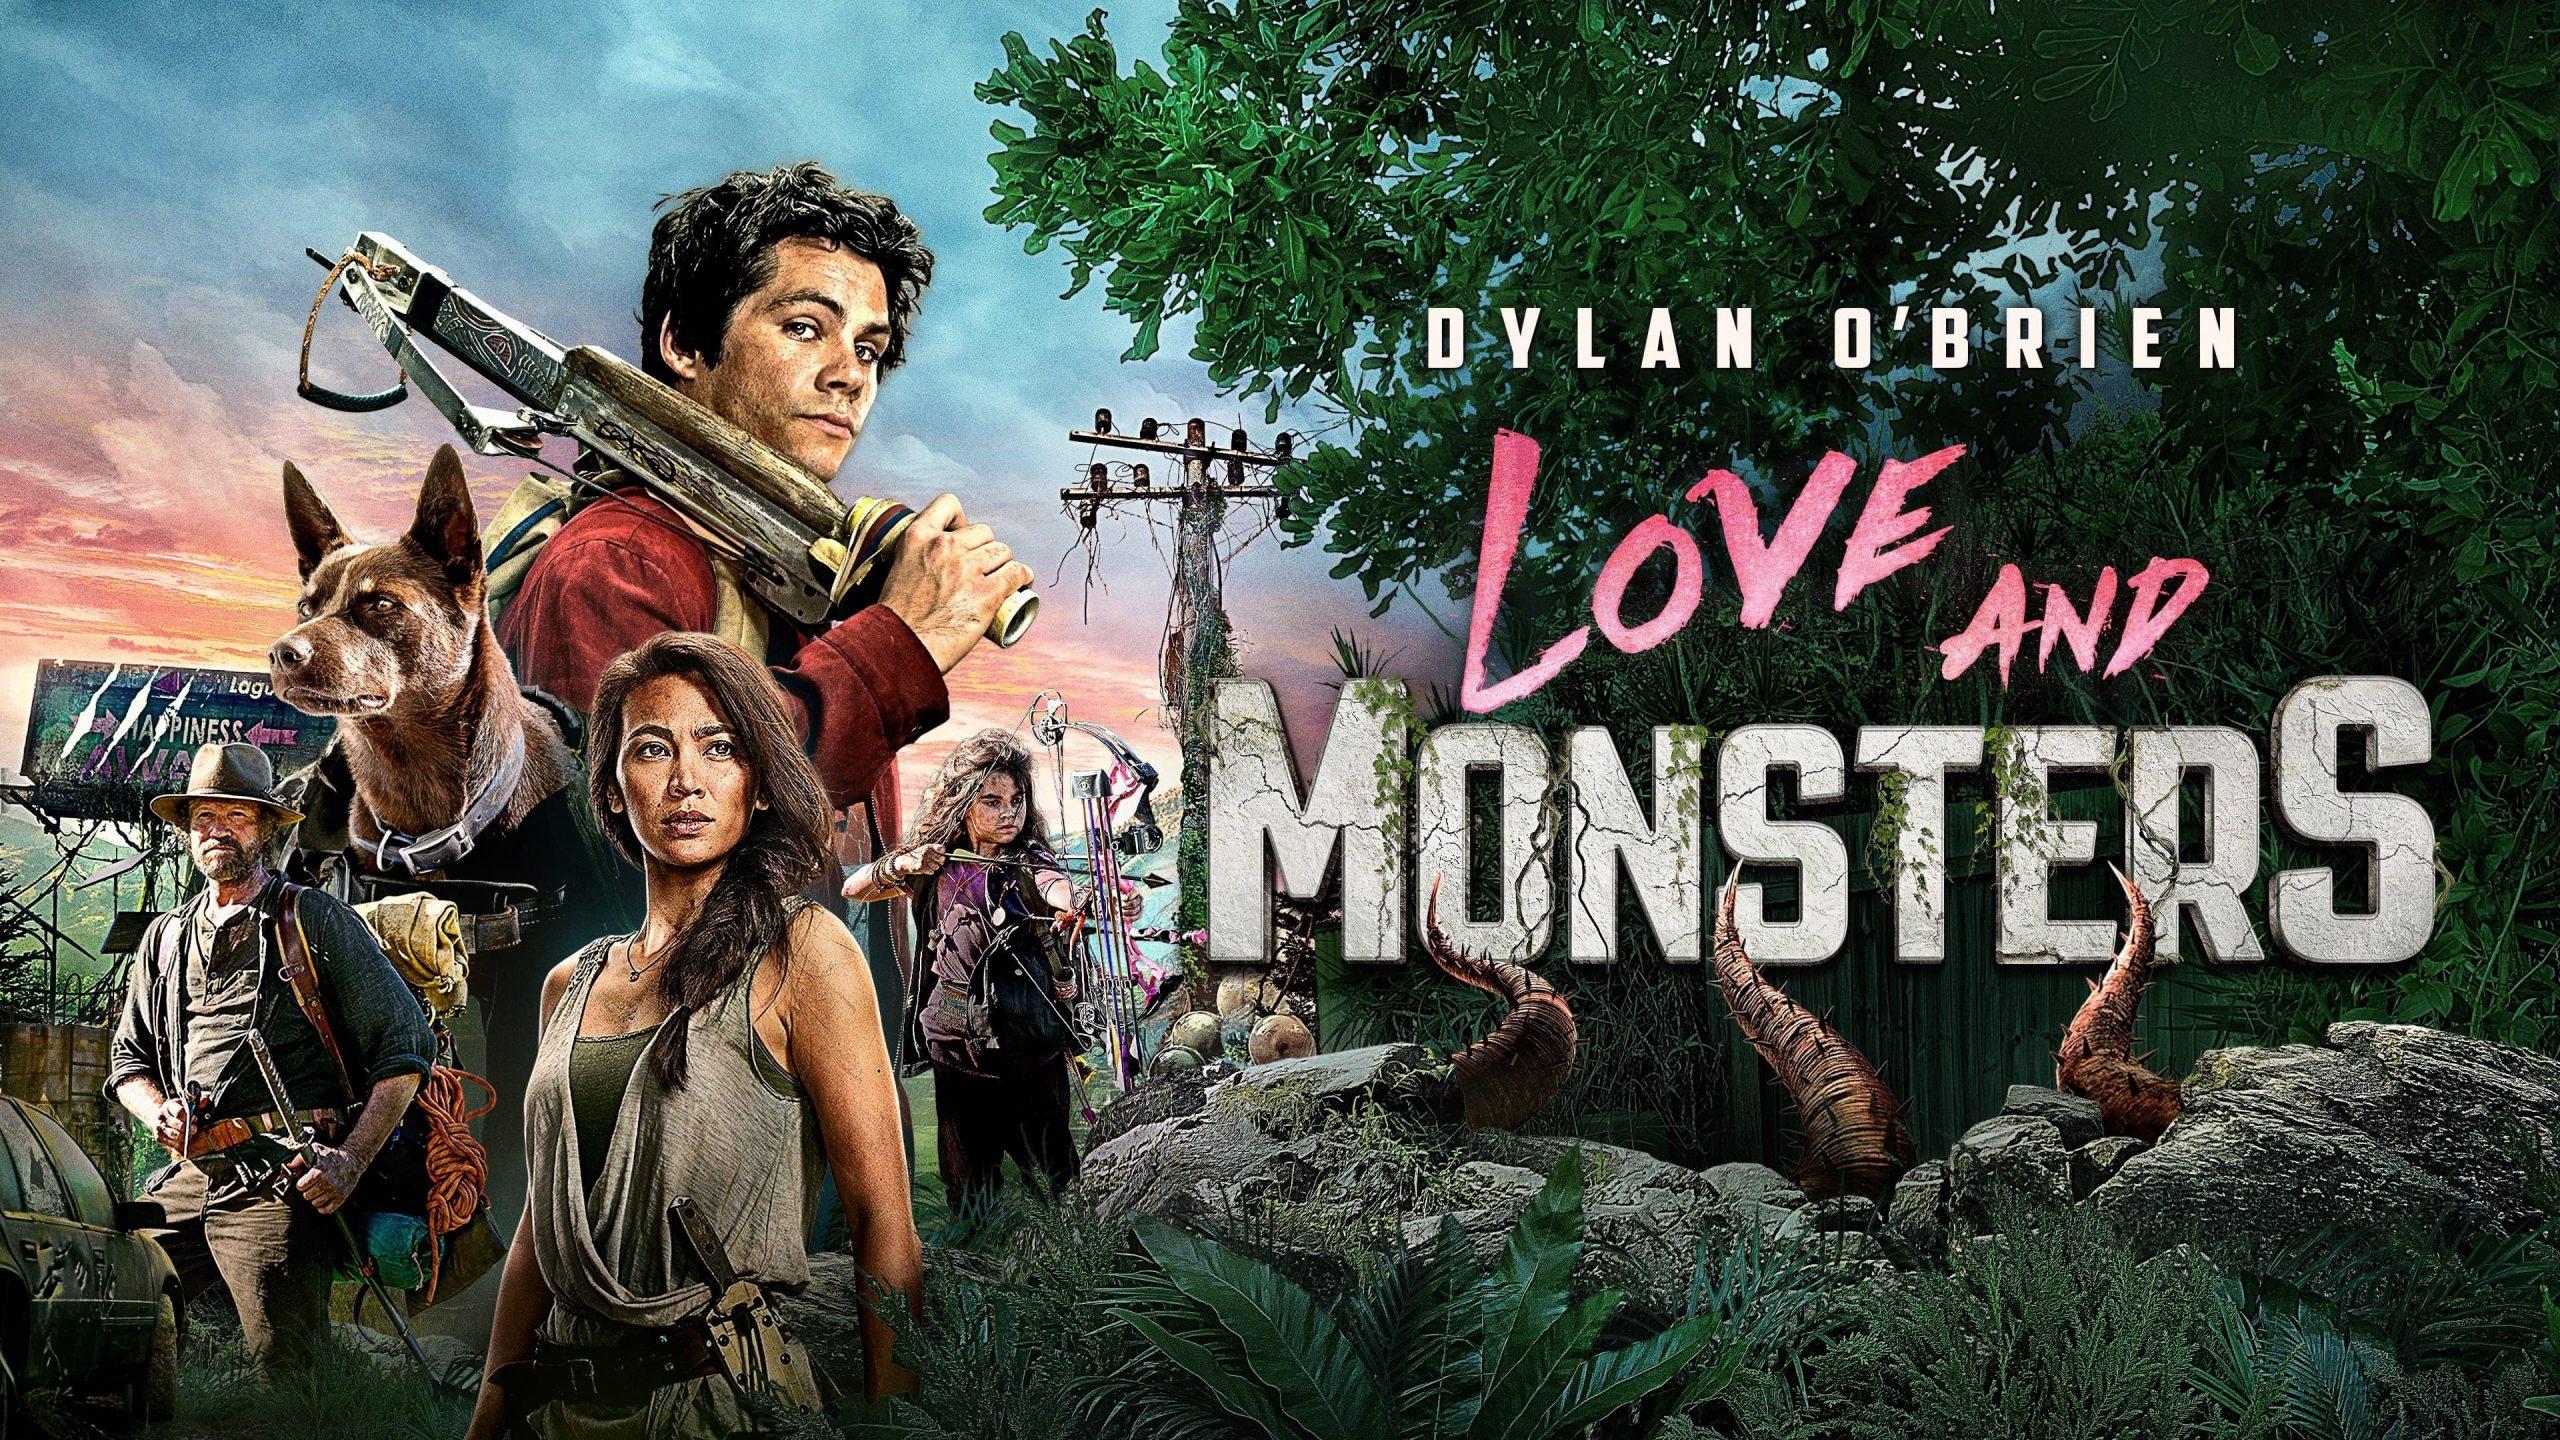 Love And Monsters: Görsel Efektleriyle Oscar'a Aday Olan Netflix Filmi